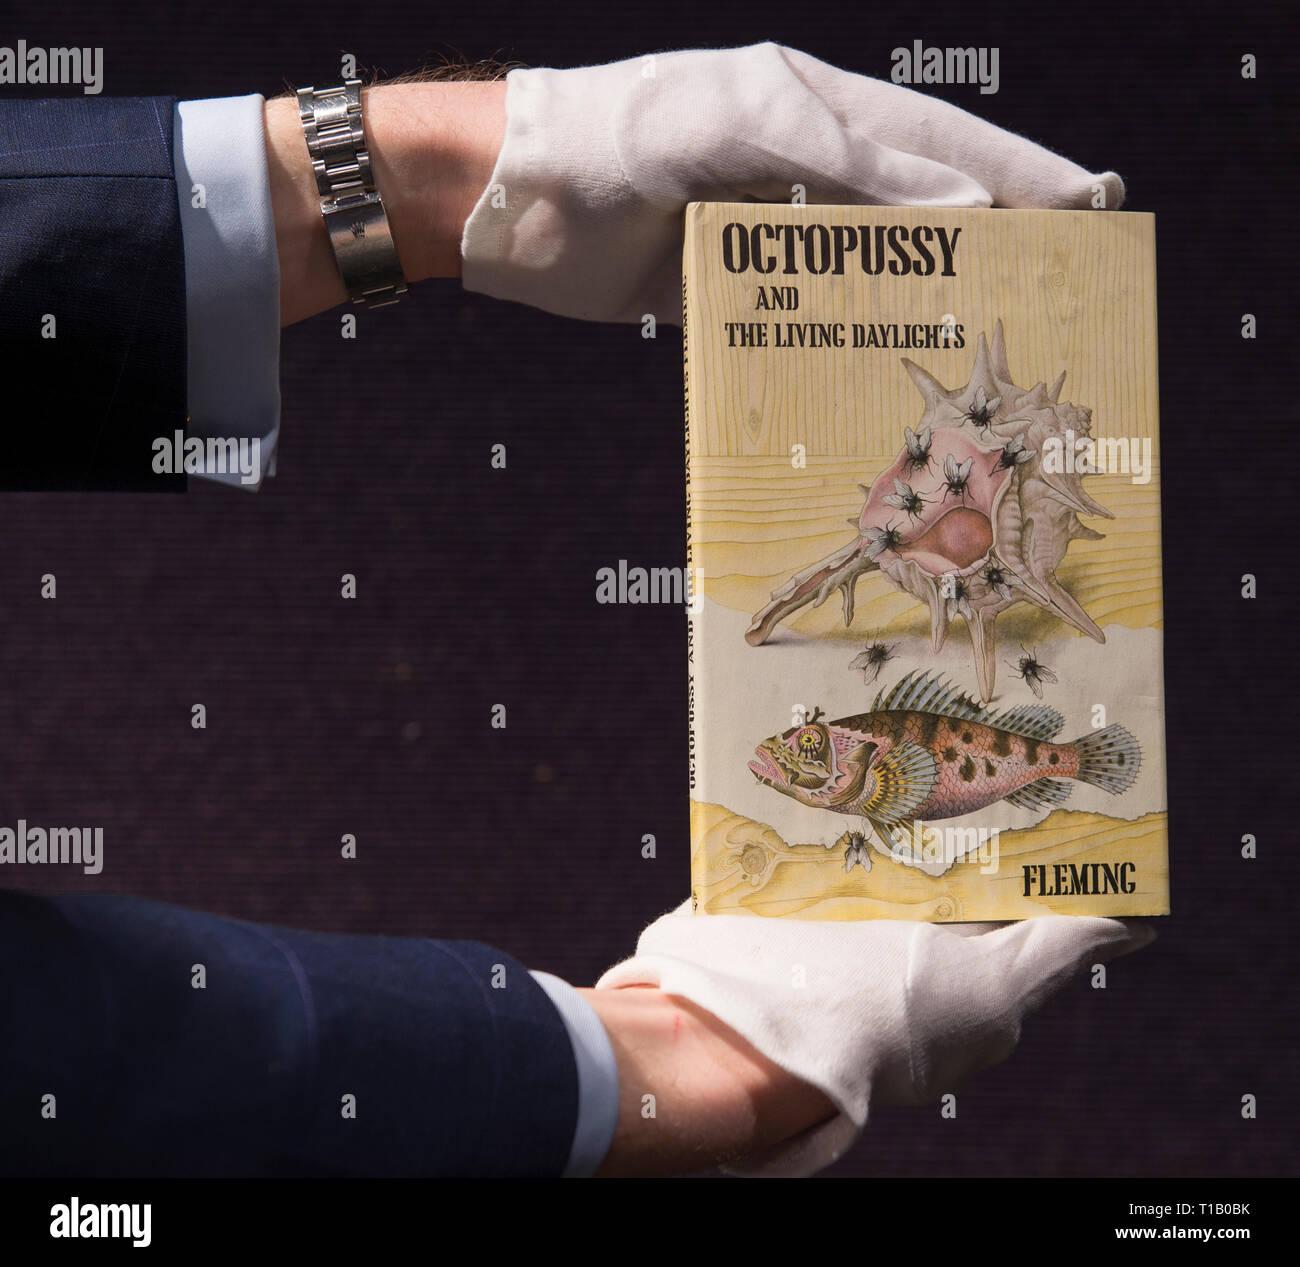 Bonhams, Knightsbridge, London, UK. 25 mars, 2019. Bonhams beaux-livres, manuscrits, d'Atlas et de photographies historiques vente aperçu. Première édition rare books y compris Thunderball, COPIE FINE, 1961; Au Service Secret de Sa Majesté, 1963; on ne vit que deux fois, 1964; l'Homme au pistolet d'or, 1965; Octopussy et The Living Daylights, 1962 sera en vente à Londres le 27 mars 2019. Credit: Malcolm Park/Alamy Live News. Photo Stock